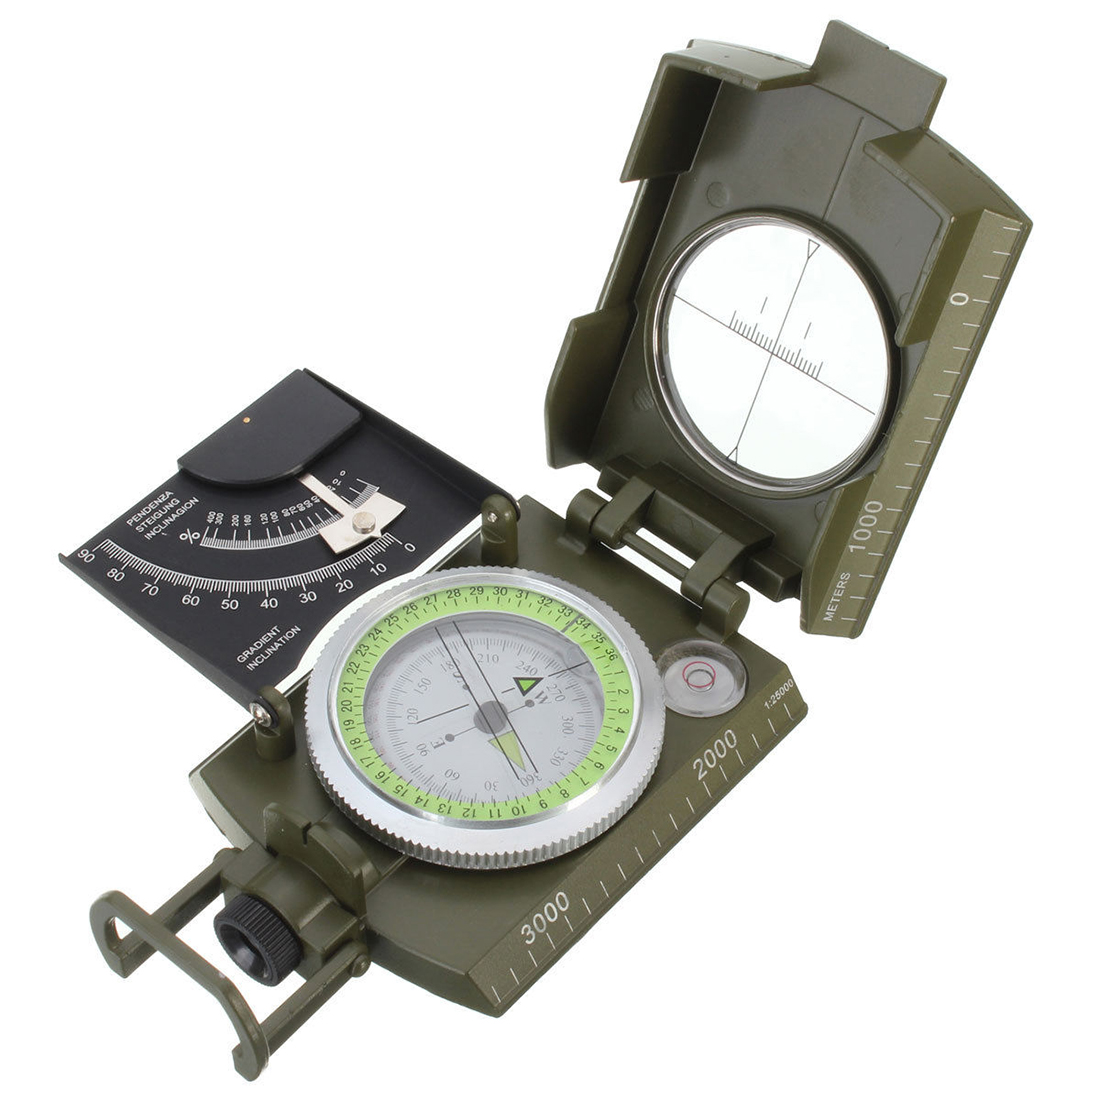 2018 Nuovo Esercito Militare Professionale In Metallo Avvistamento Compass clinometro Campeggio